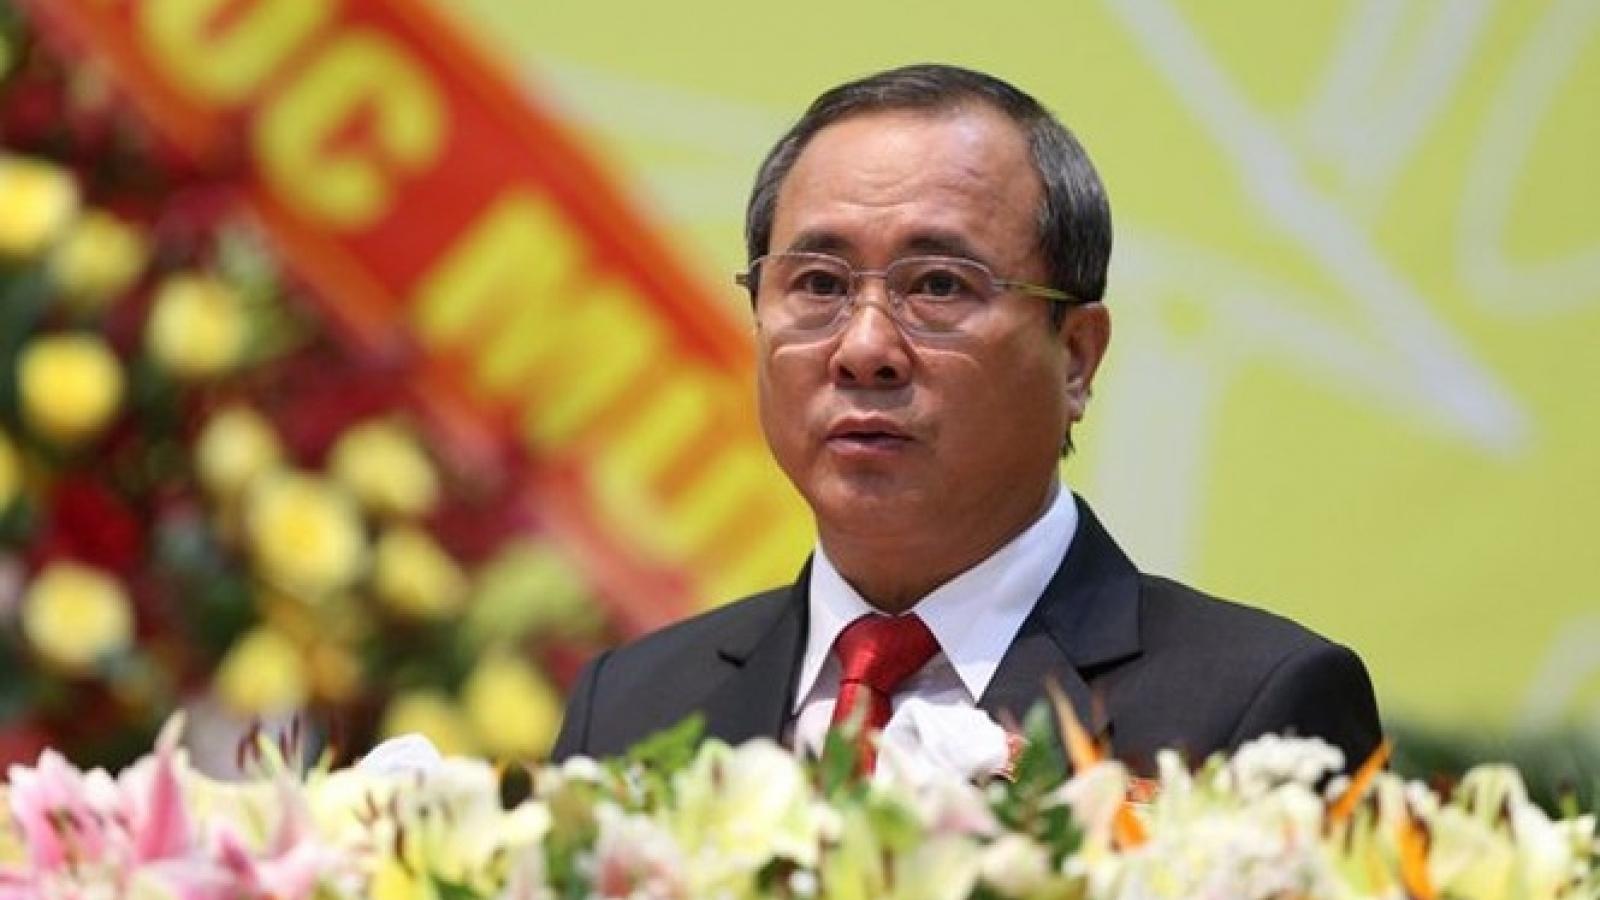 Bộ Chính trị đề nghị xem xét, kỷ luật Bí thư Bình Dương, cách chức 4 lãnh đạo tỉnh